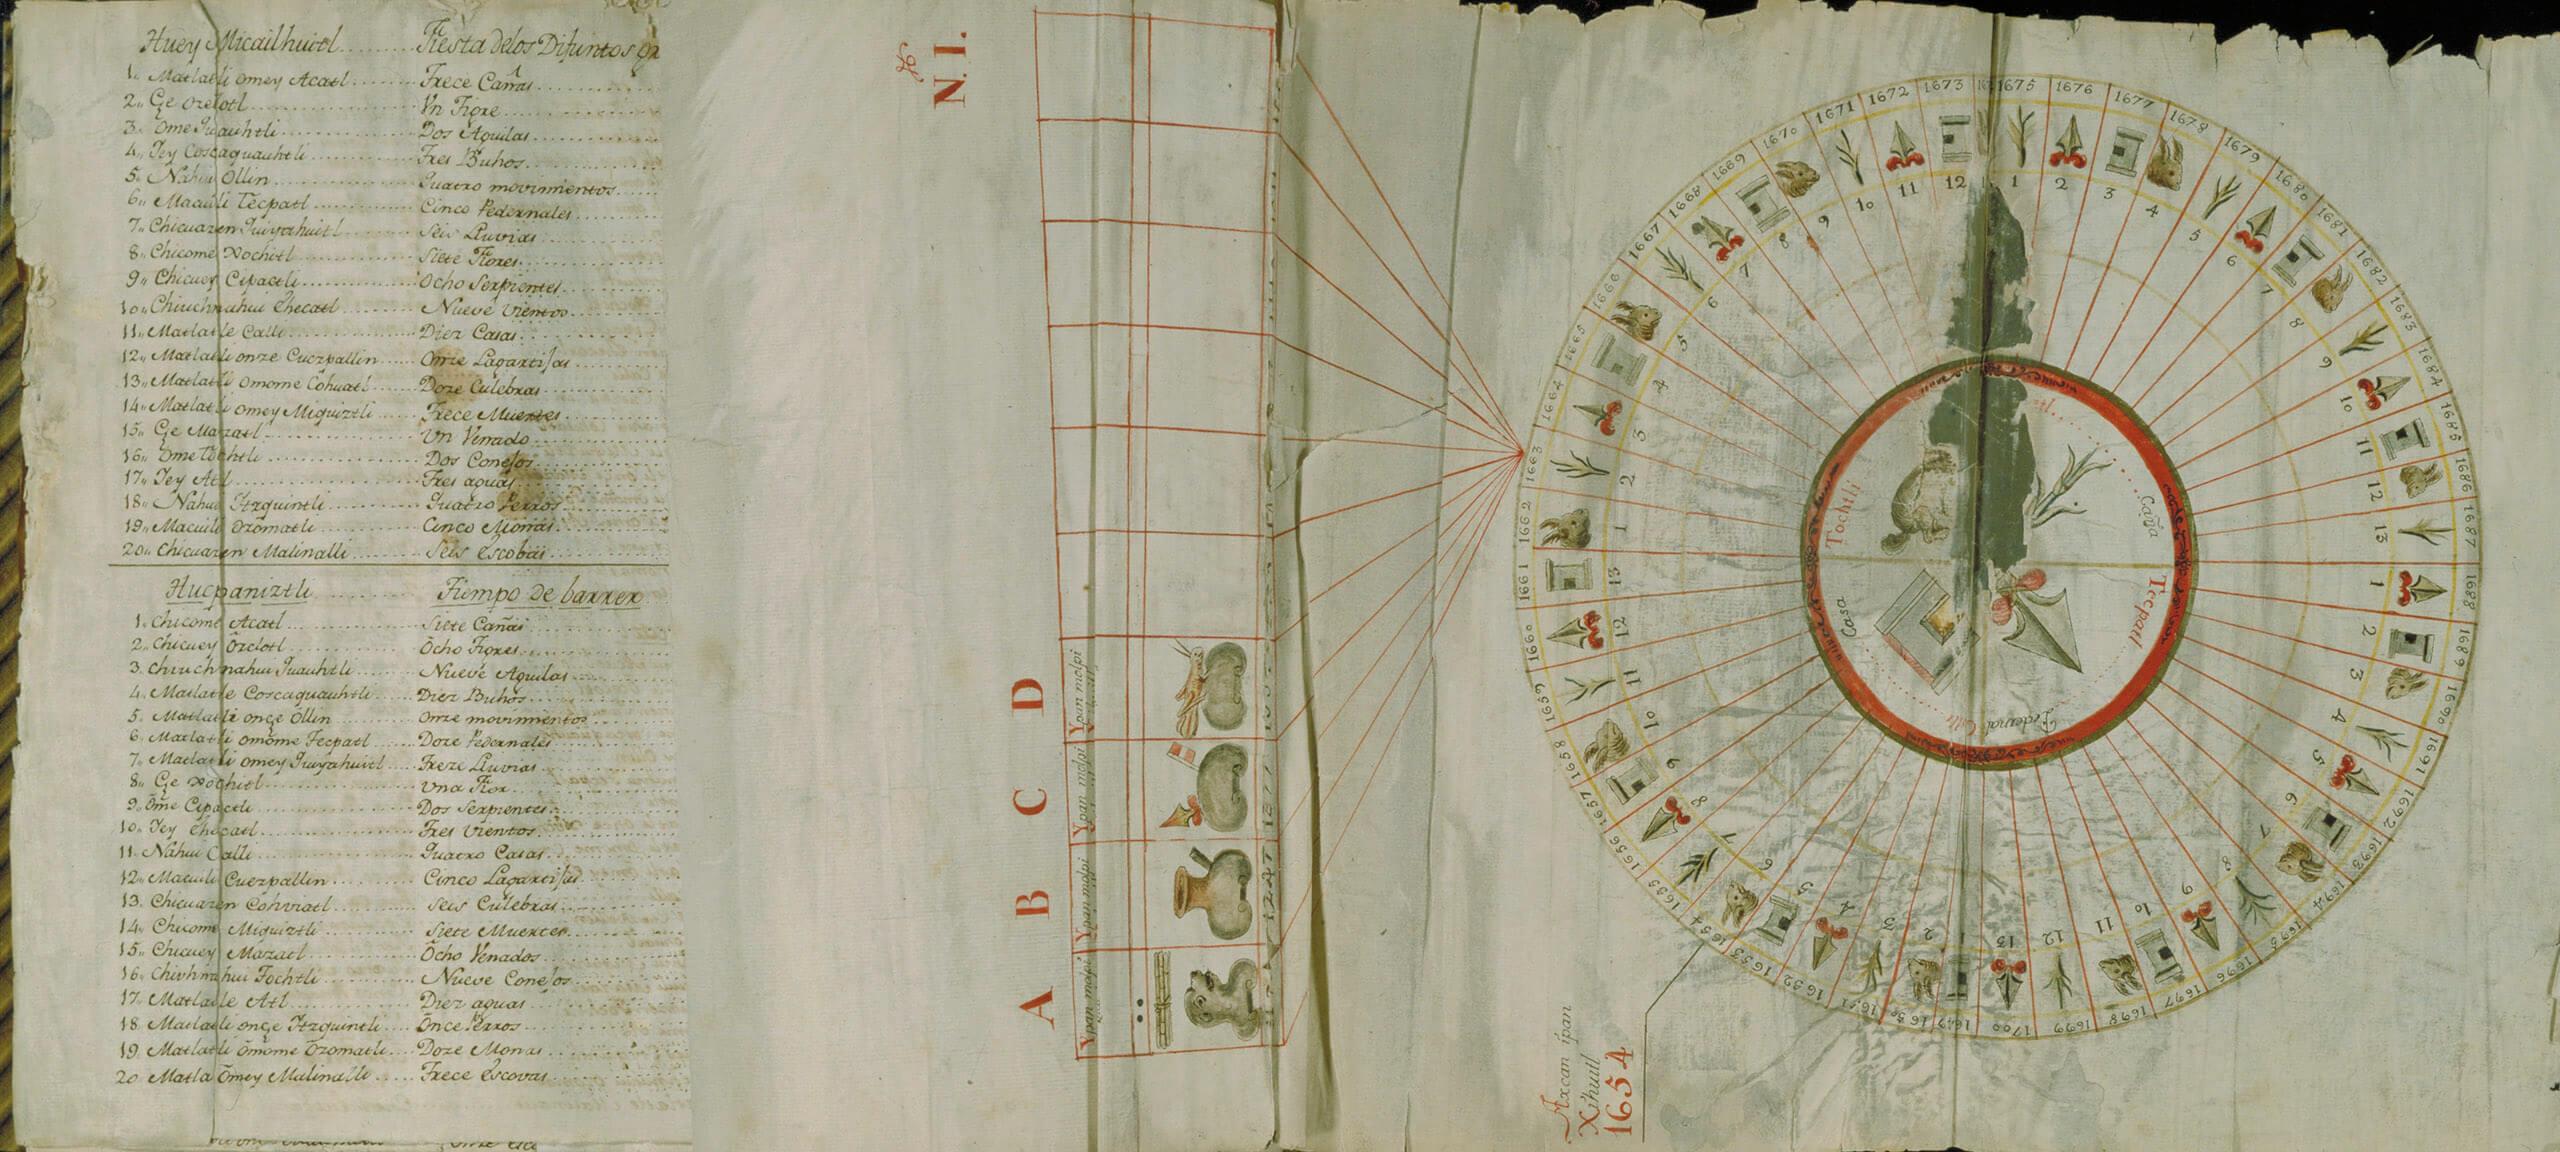 Calendario mexicano Veytia, variante núm. 7 | In Tlilli in Tlapalli. Imágenes de la nueva tierra: identidad indígena después de la conquista | Museo Amparo, Puebla